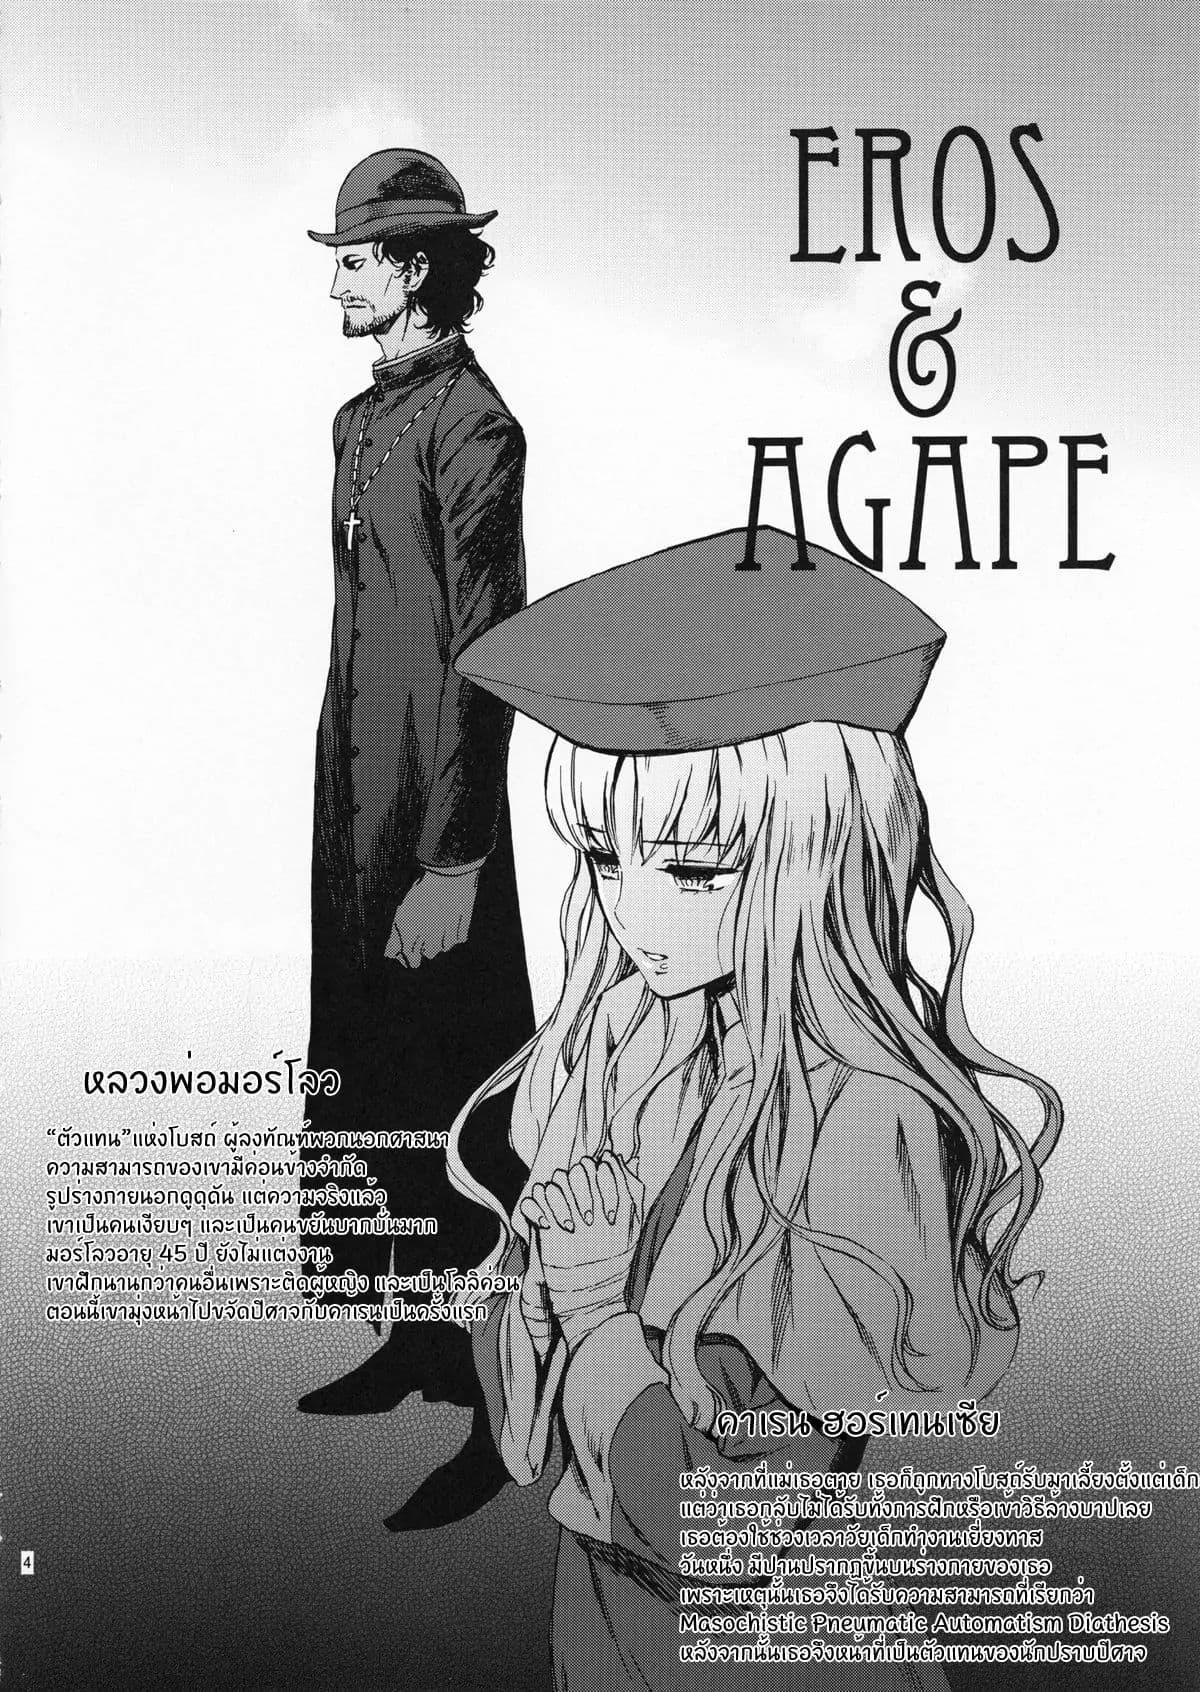 อ่านการ์ตูน (C83) [Ikujinashi no Fetishist] Eros&Agape (Fate hollow ataraxia) ภาพที่ 3